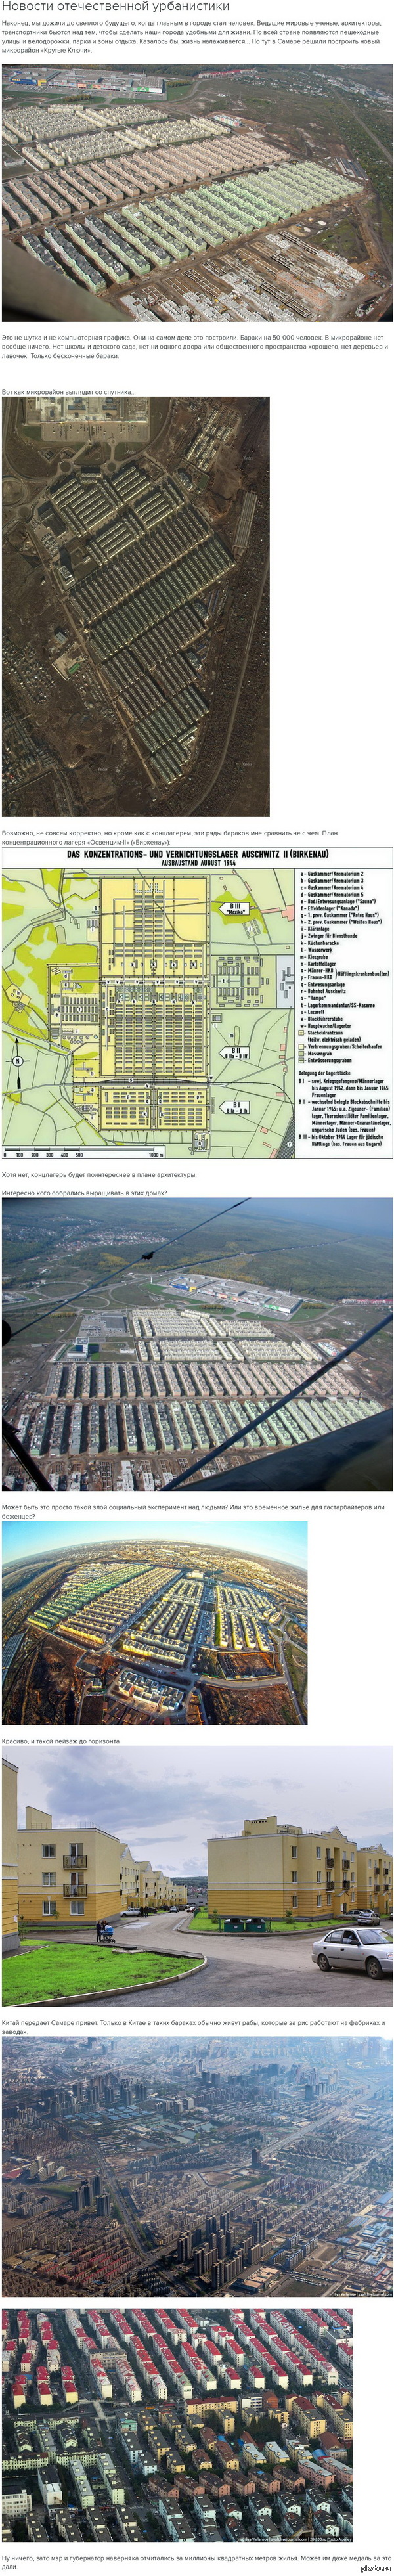 Новости отечественной урбанистики Источник:http://zyalt.livejournal.com/1119124.html